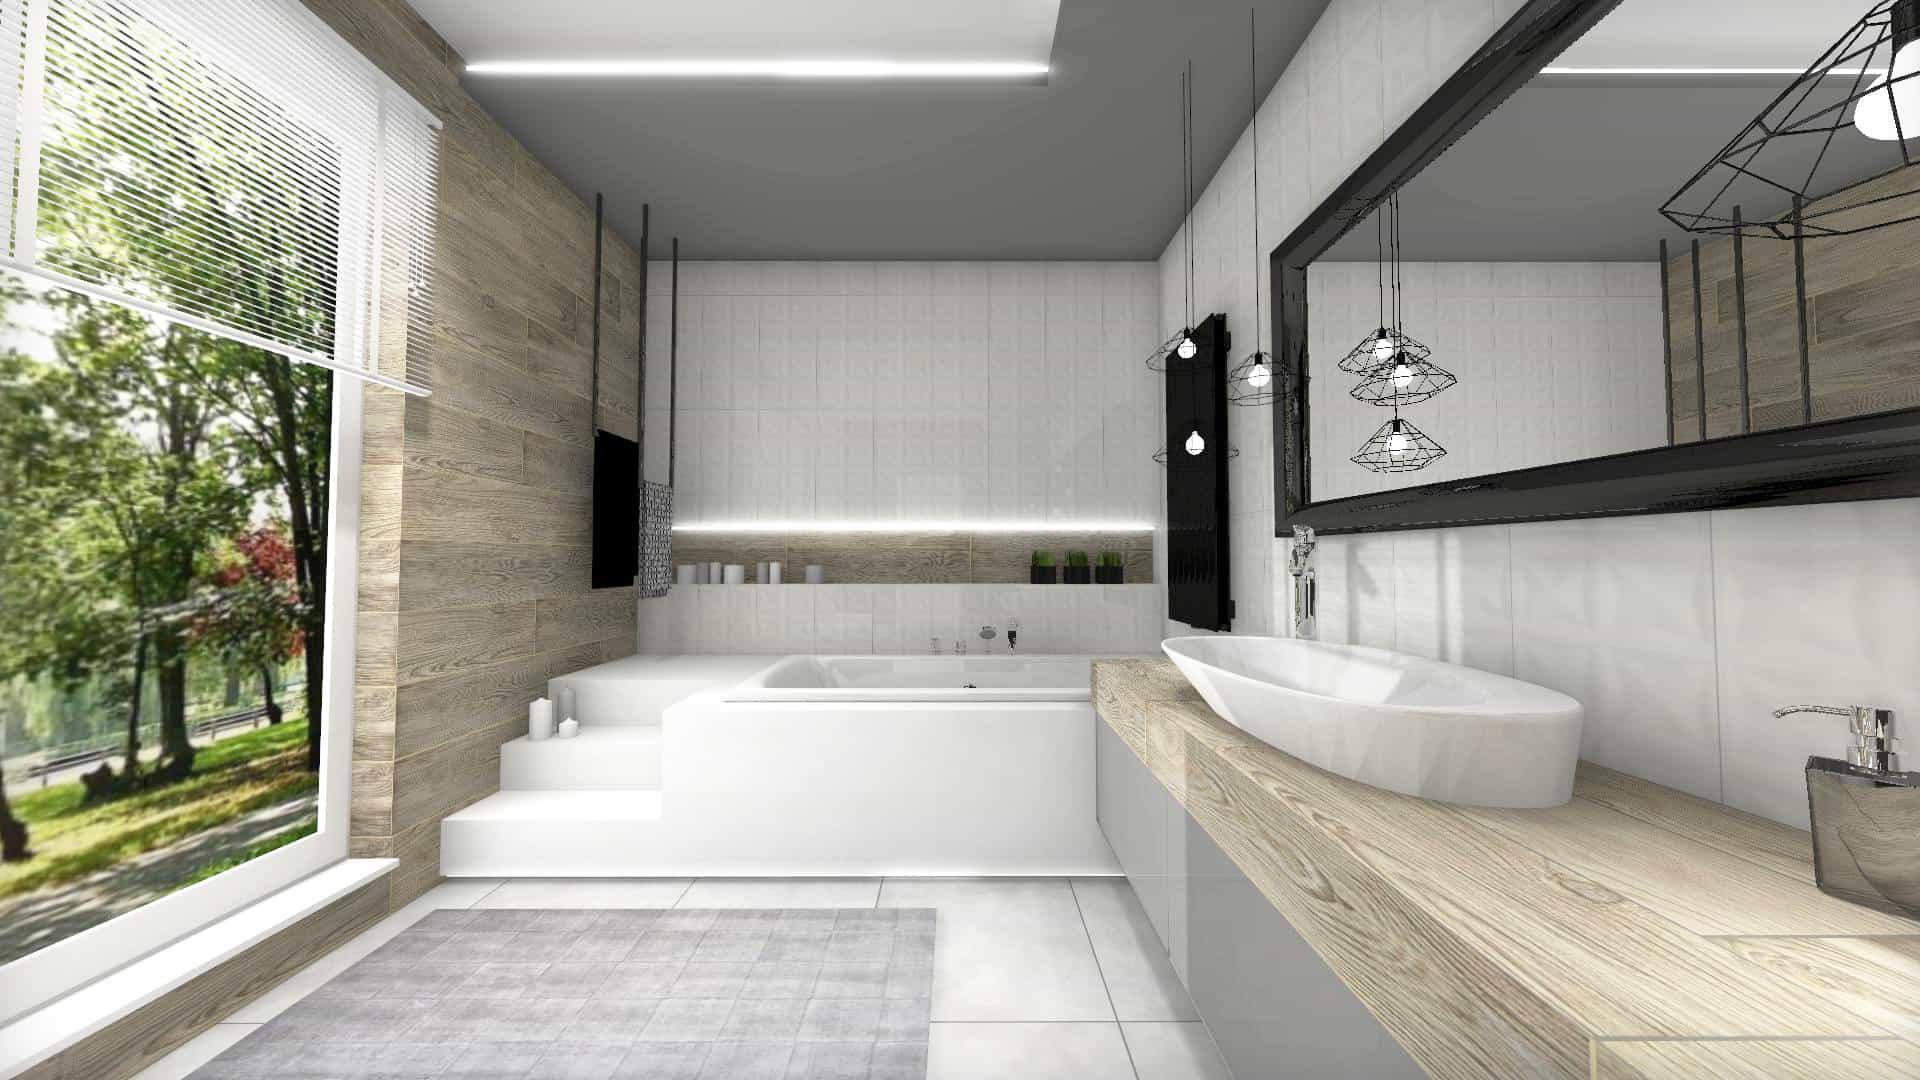 łazienka z wanną w podeście